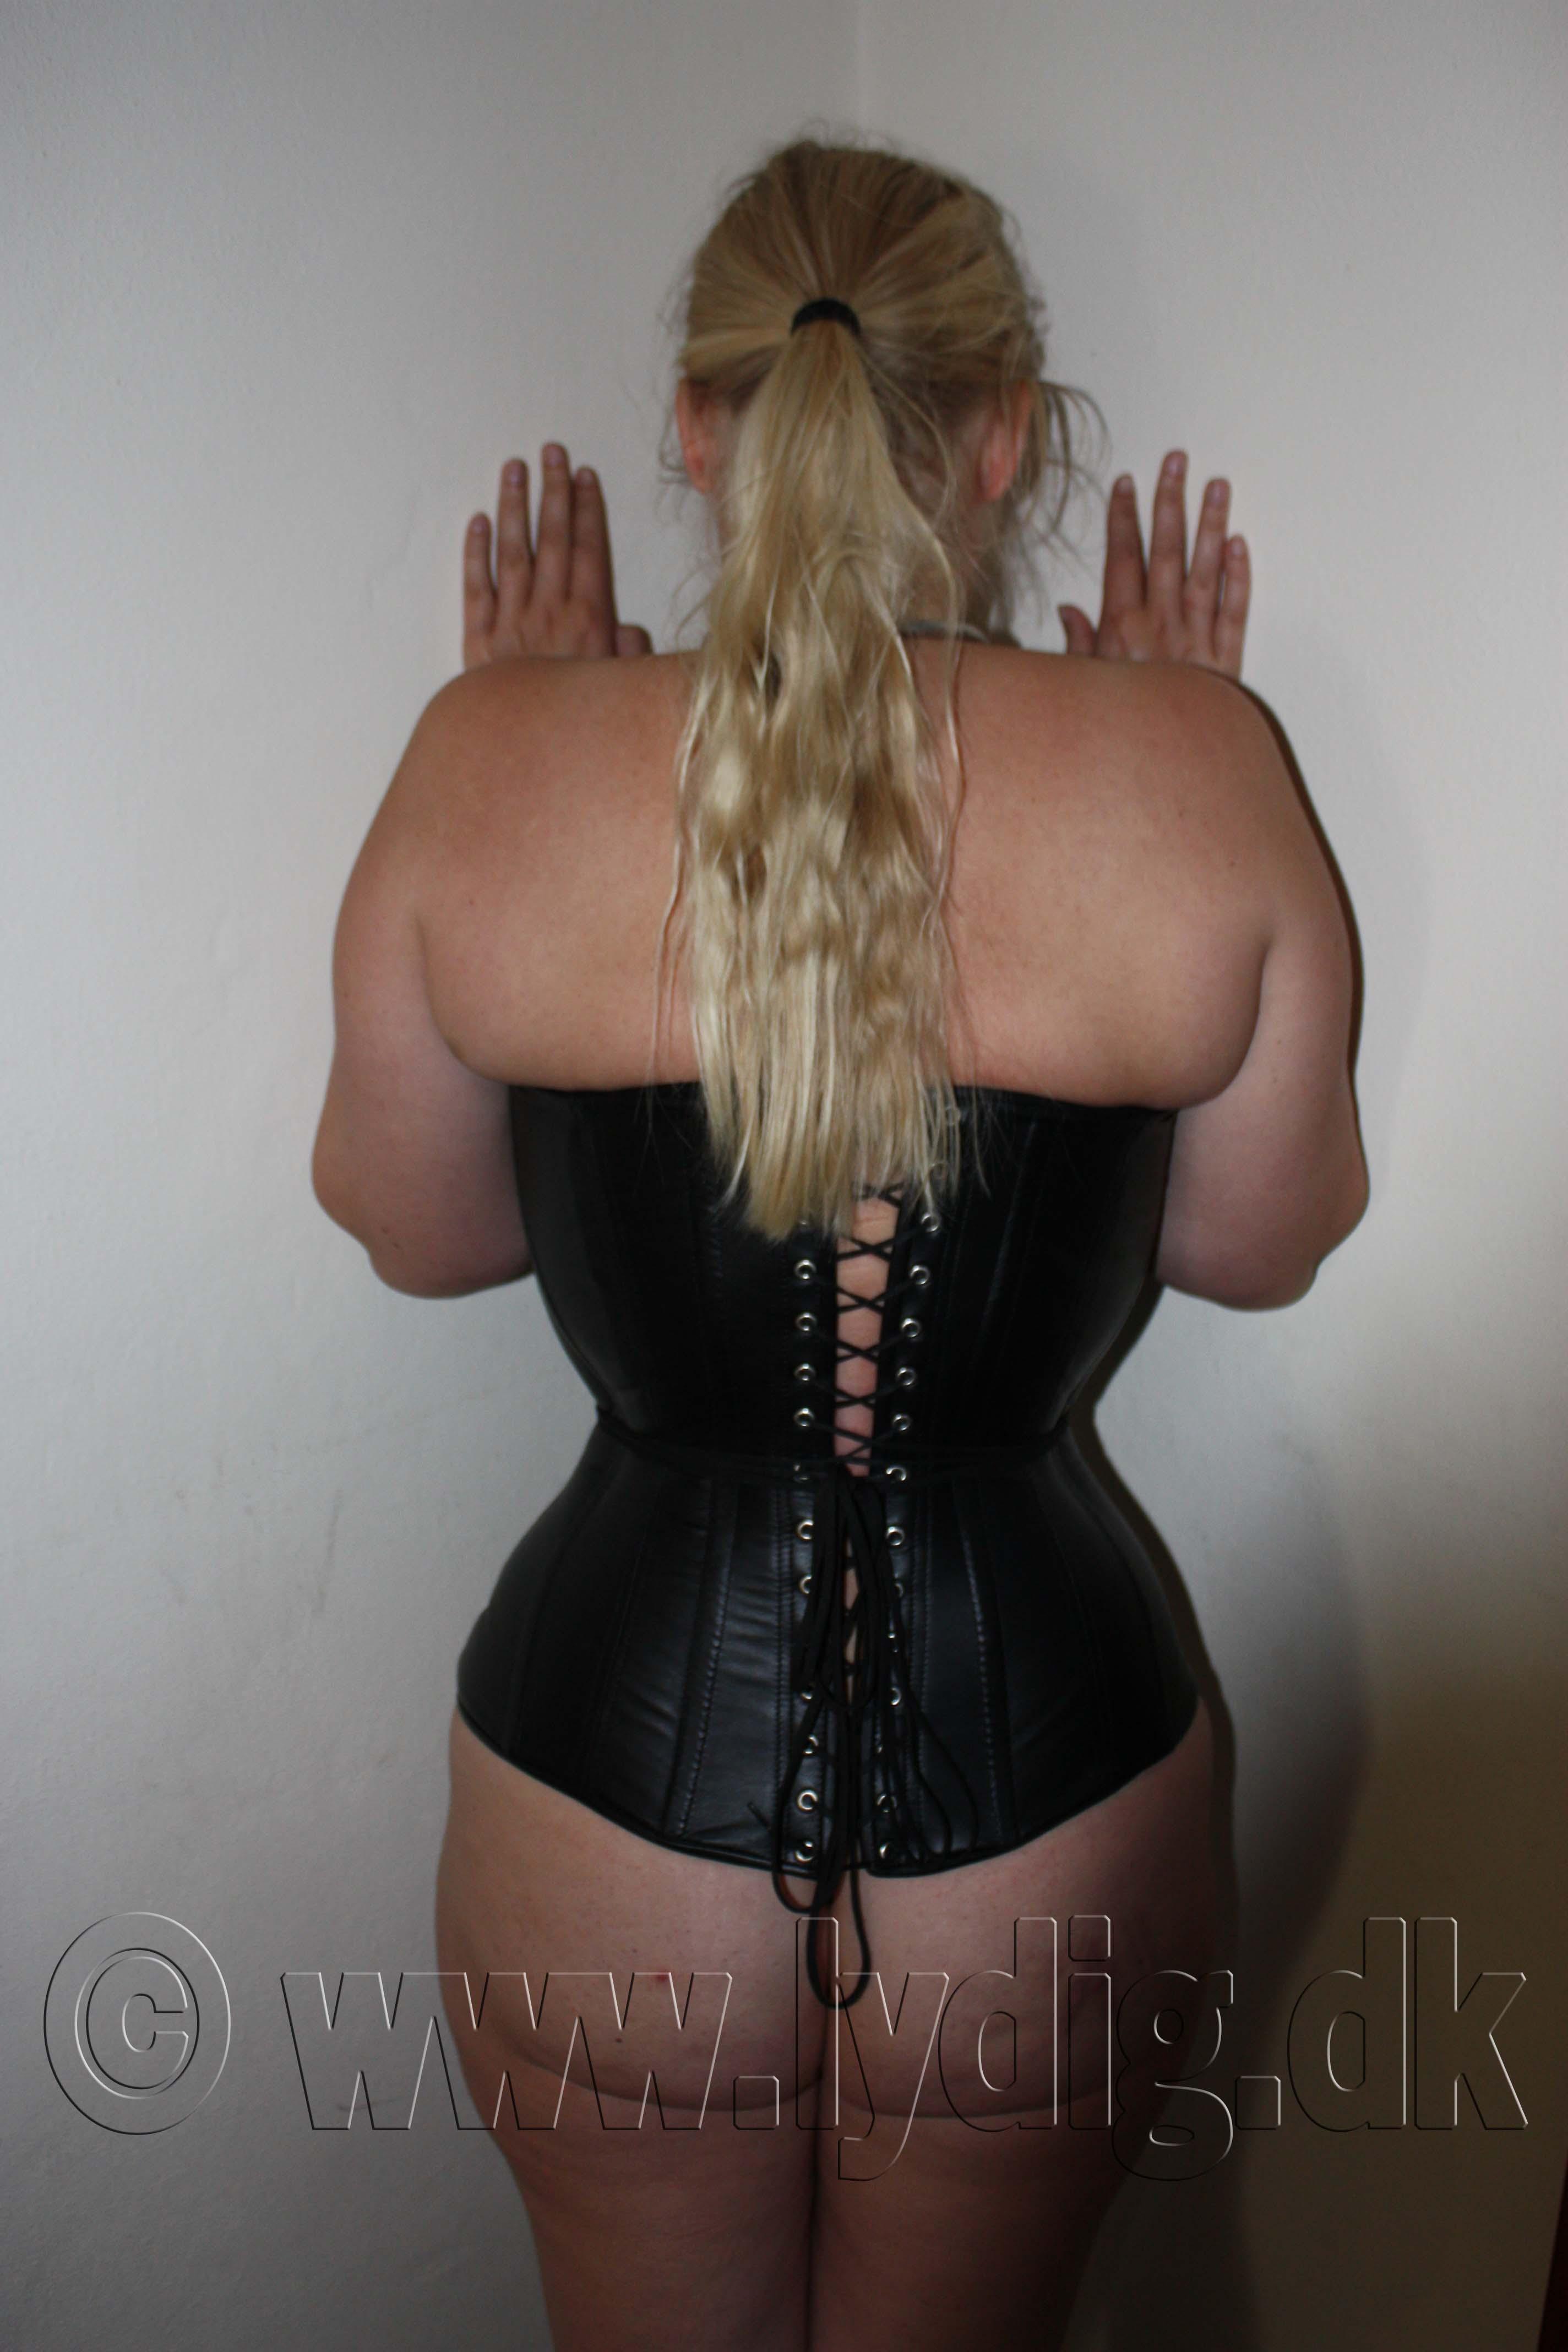 randers cinemas massage københavn sex